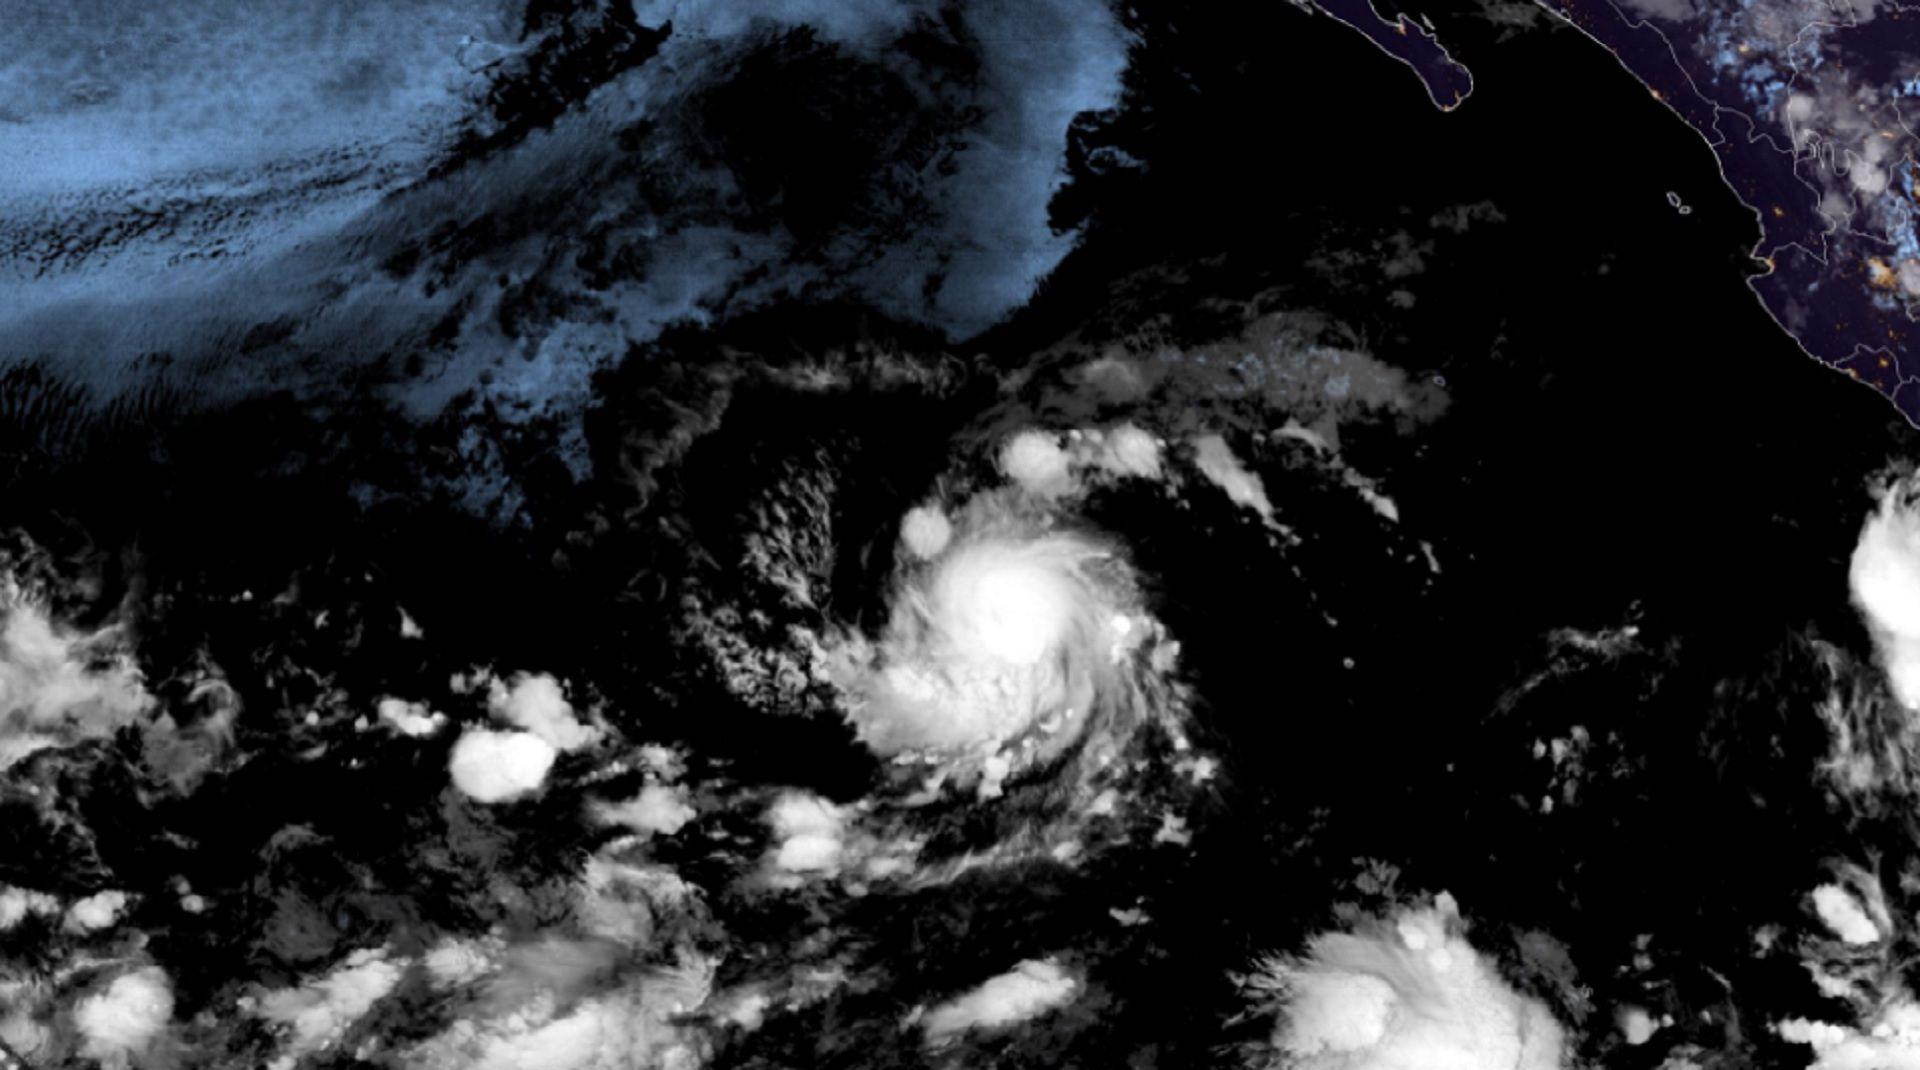 Felicia-huracan-Oceano-Pacifico-Mexico